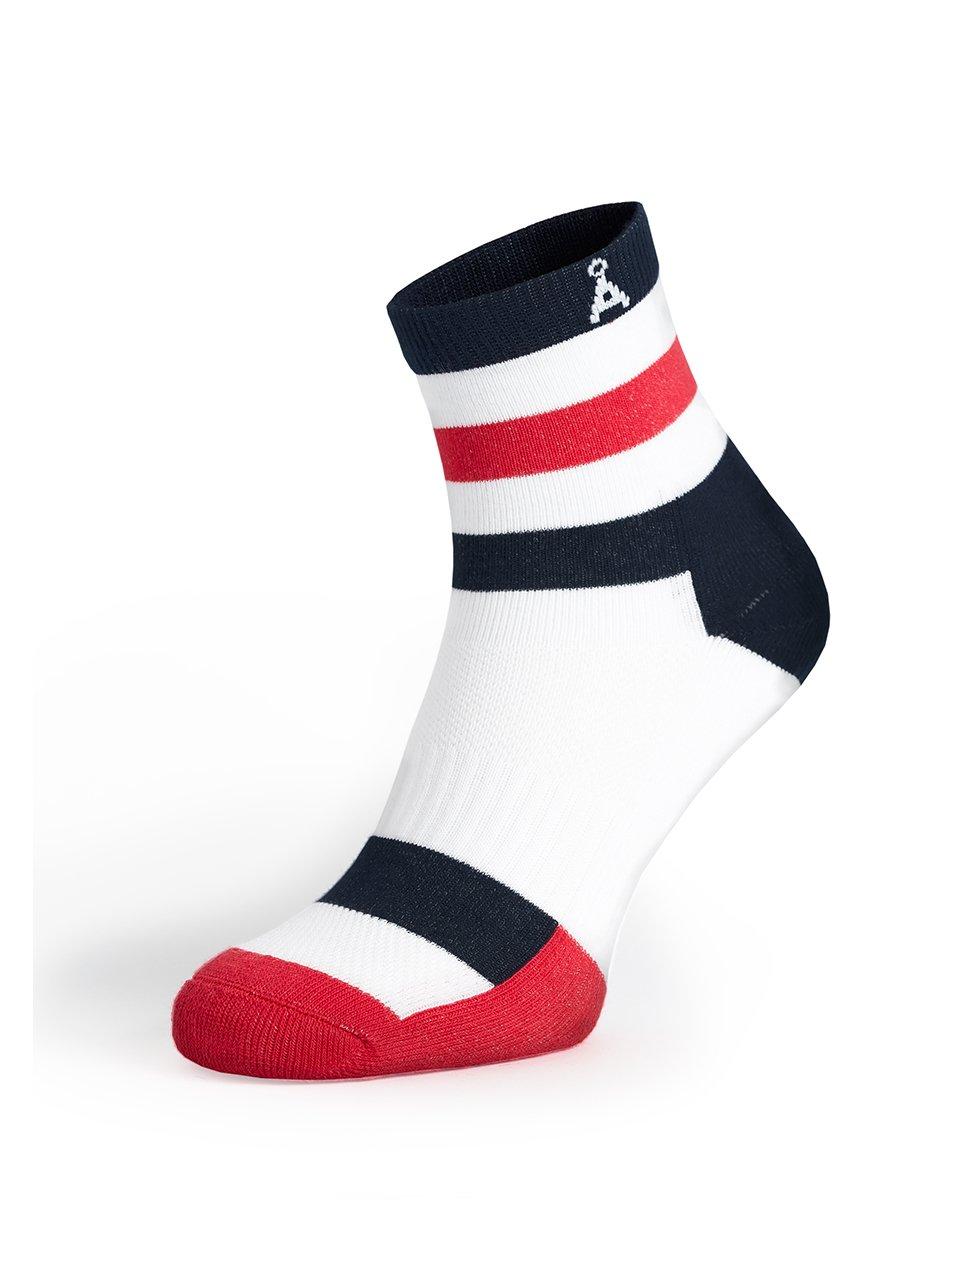 Červeno-bílé sportovní unisex ponožky V páru